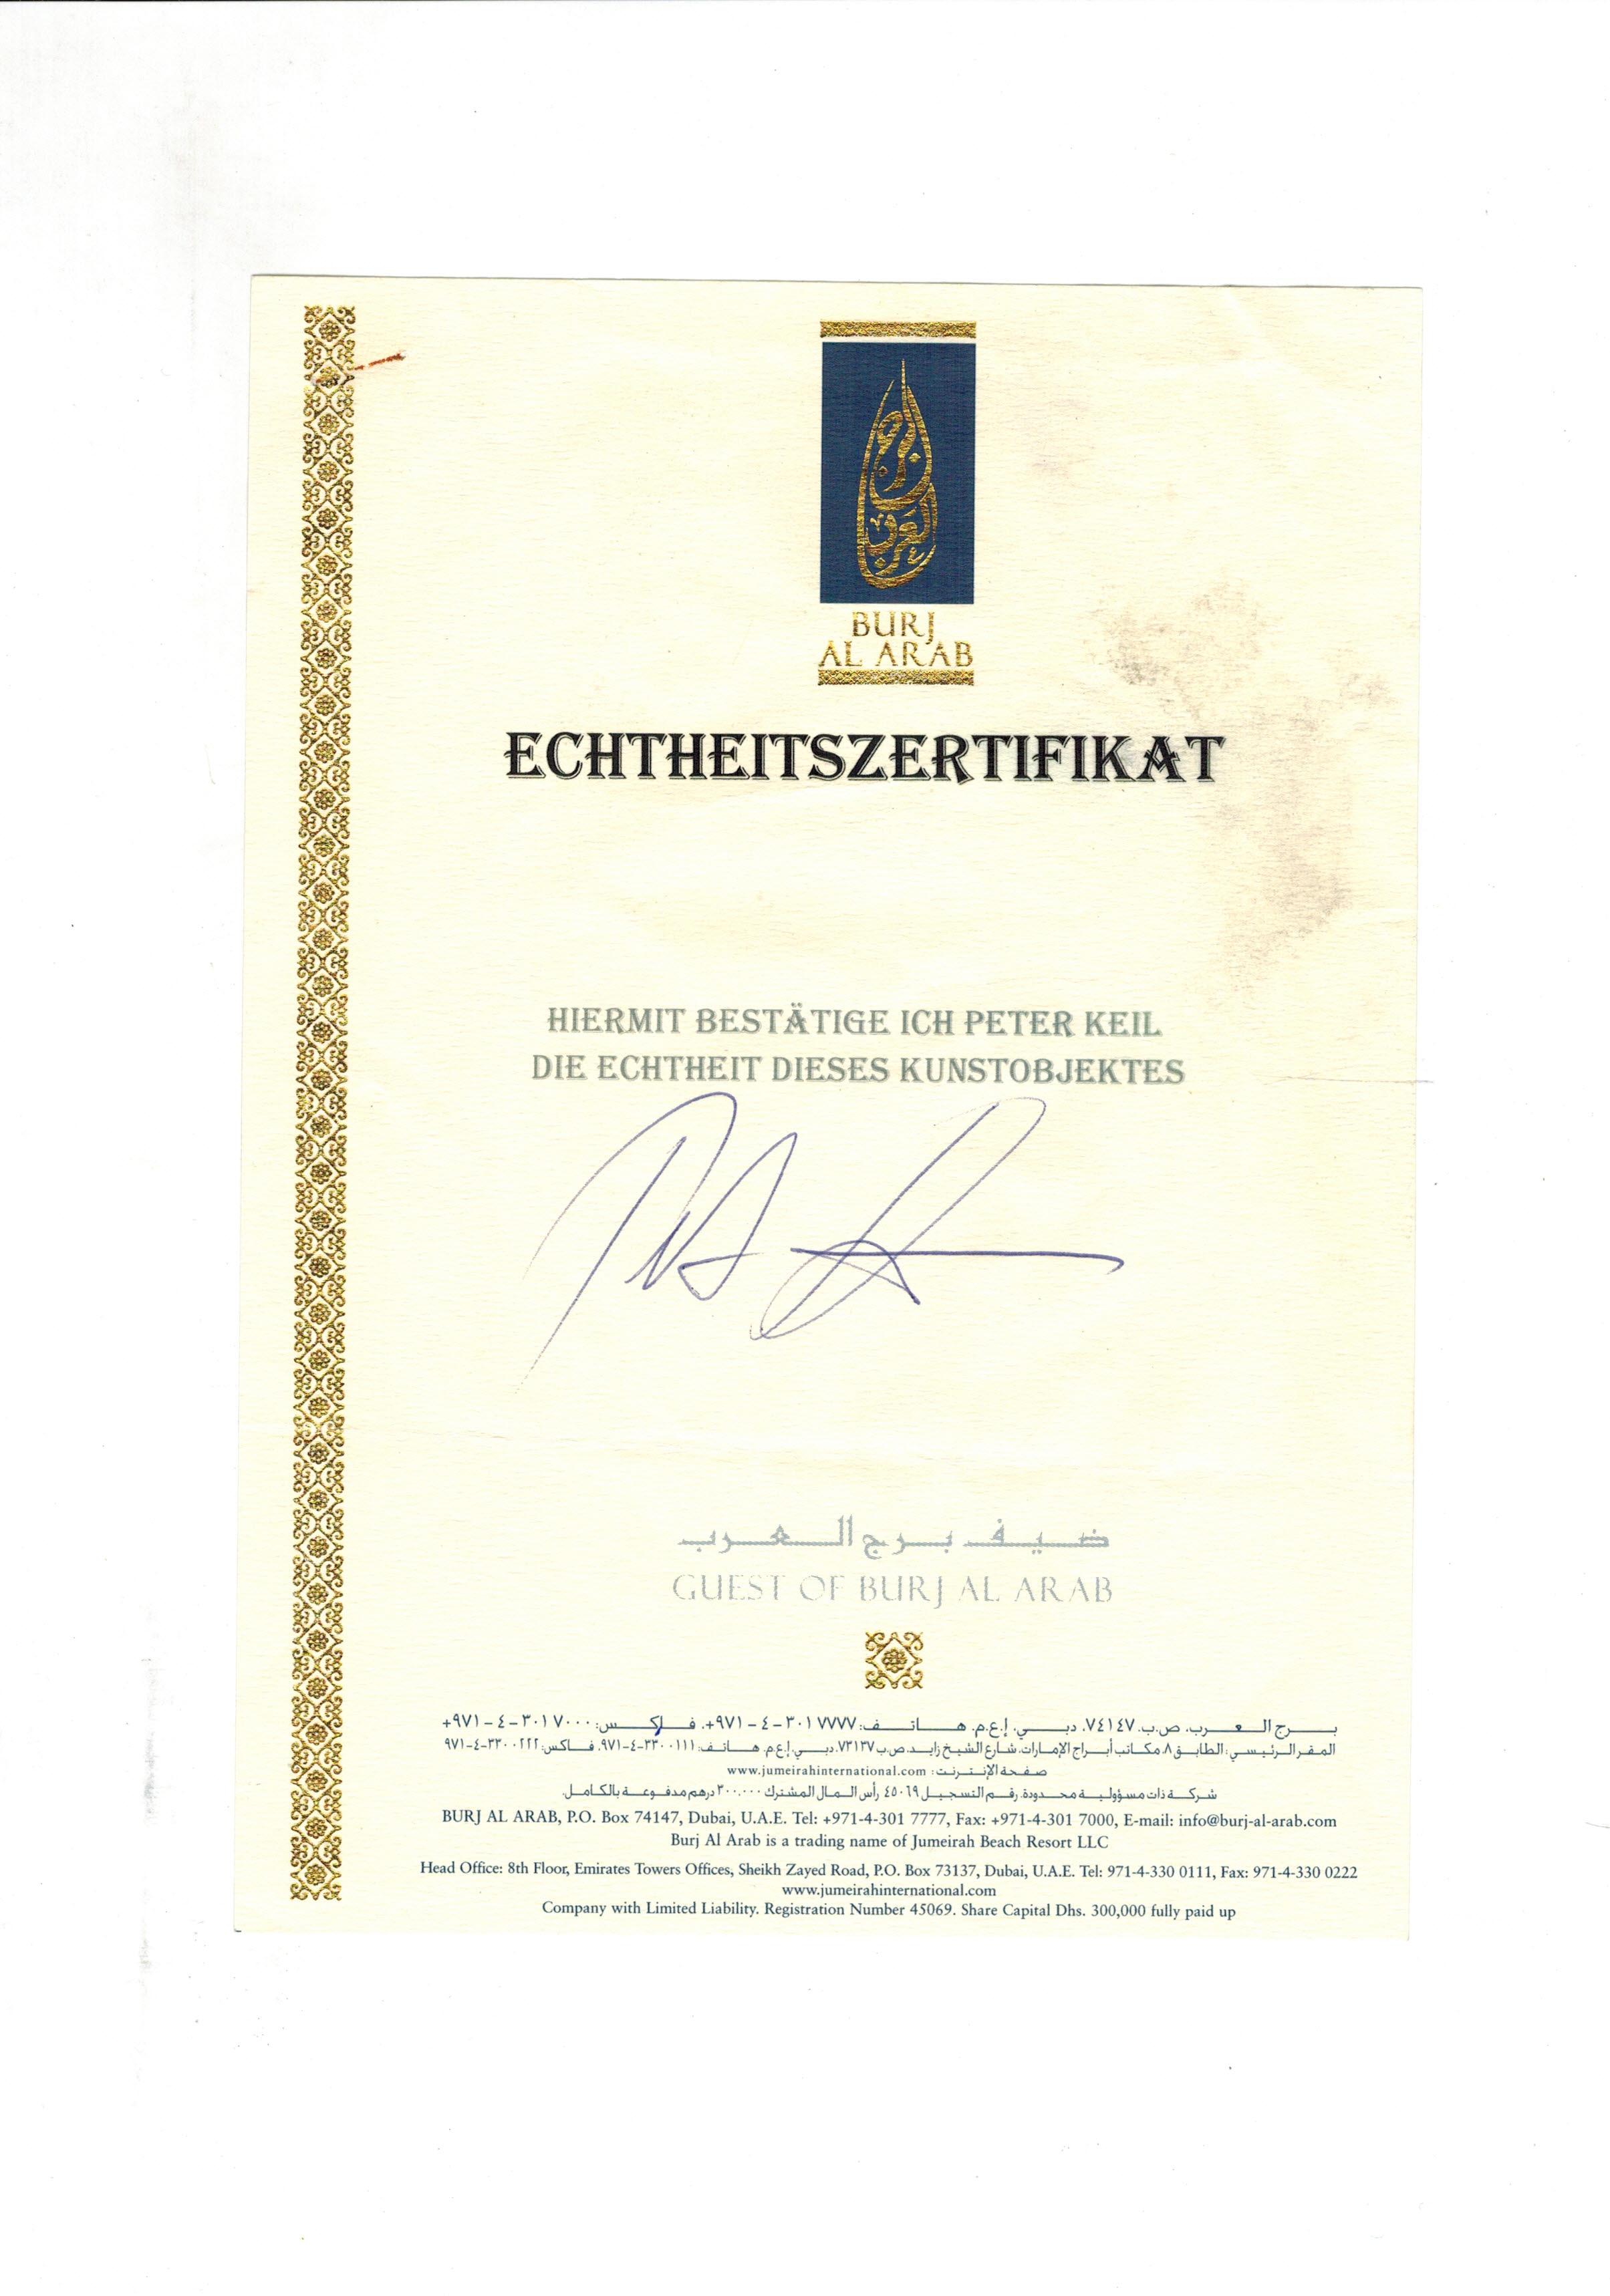 Charmant Echtheitszertifikat Vorlage Zeitgenössisch - Entry Level ...